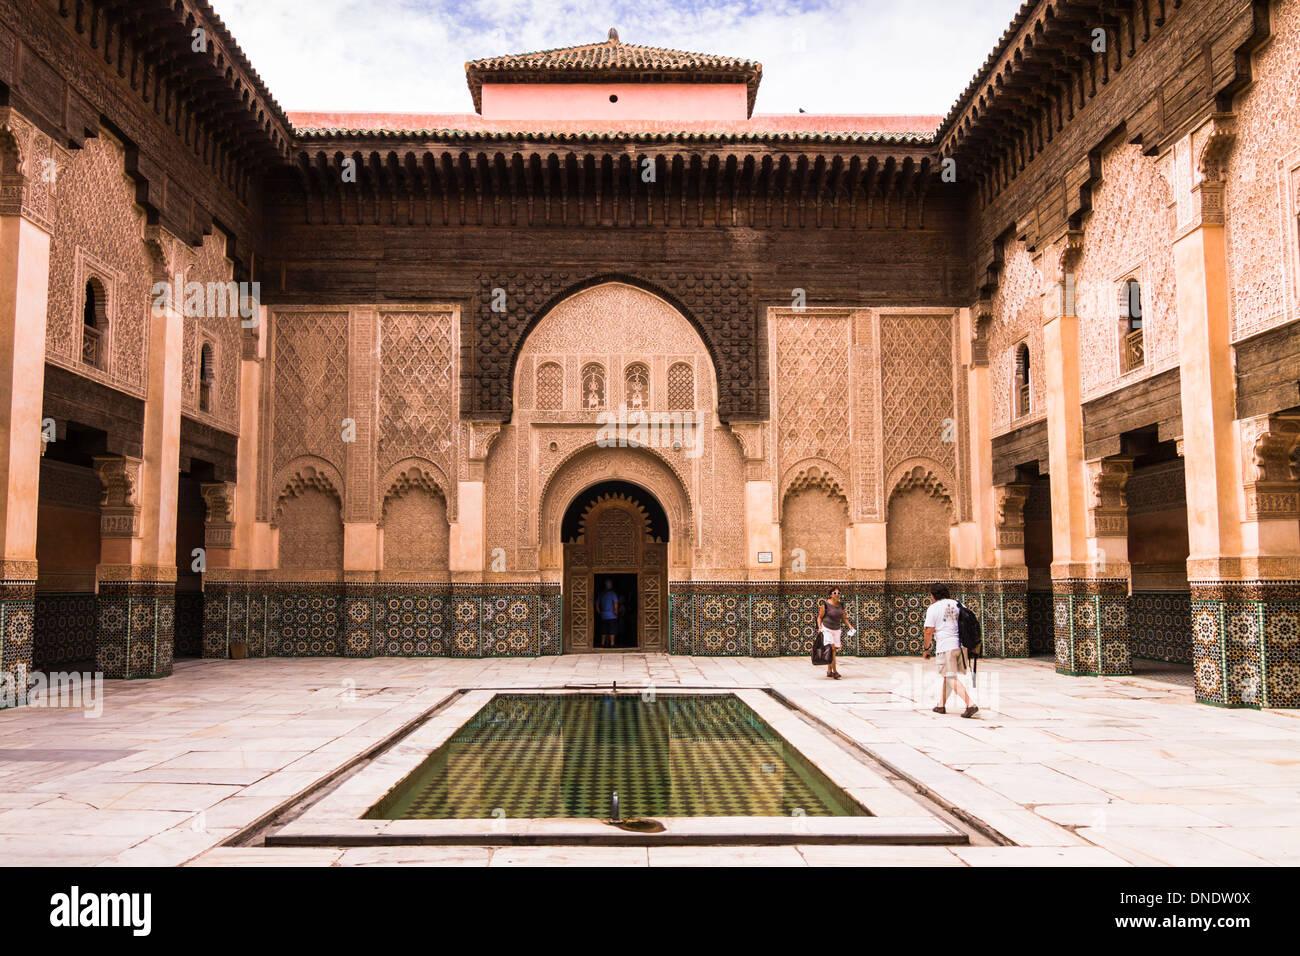 Ali ibn Yusuf